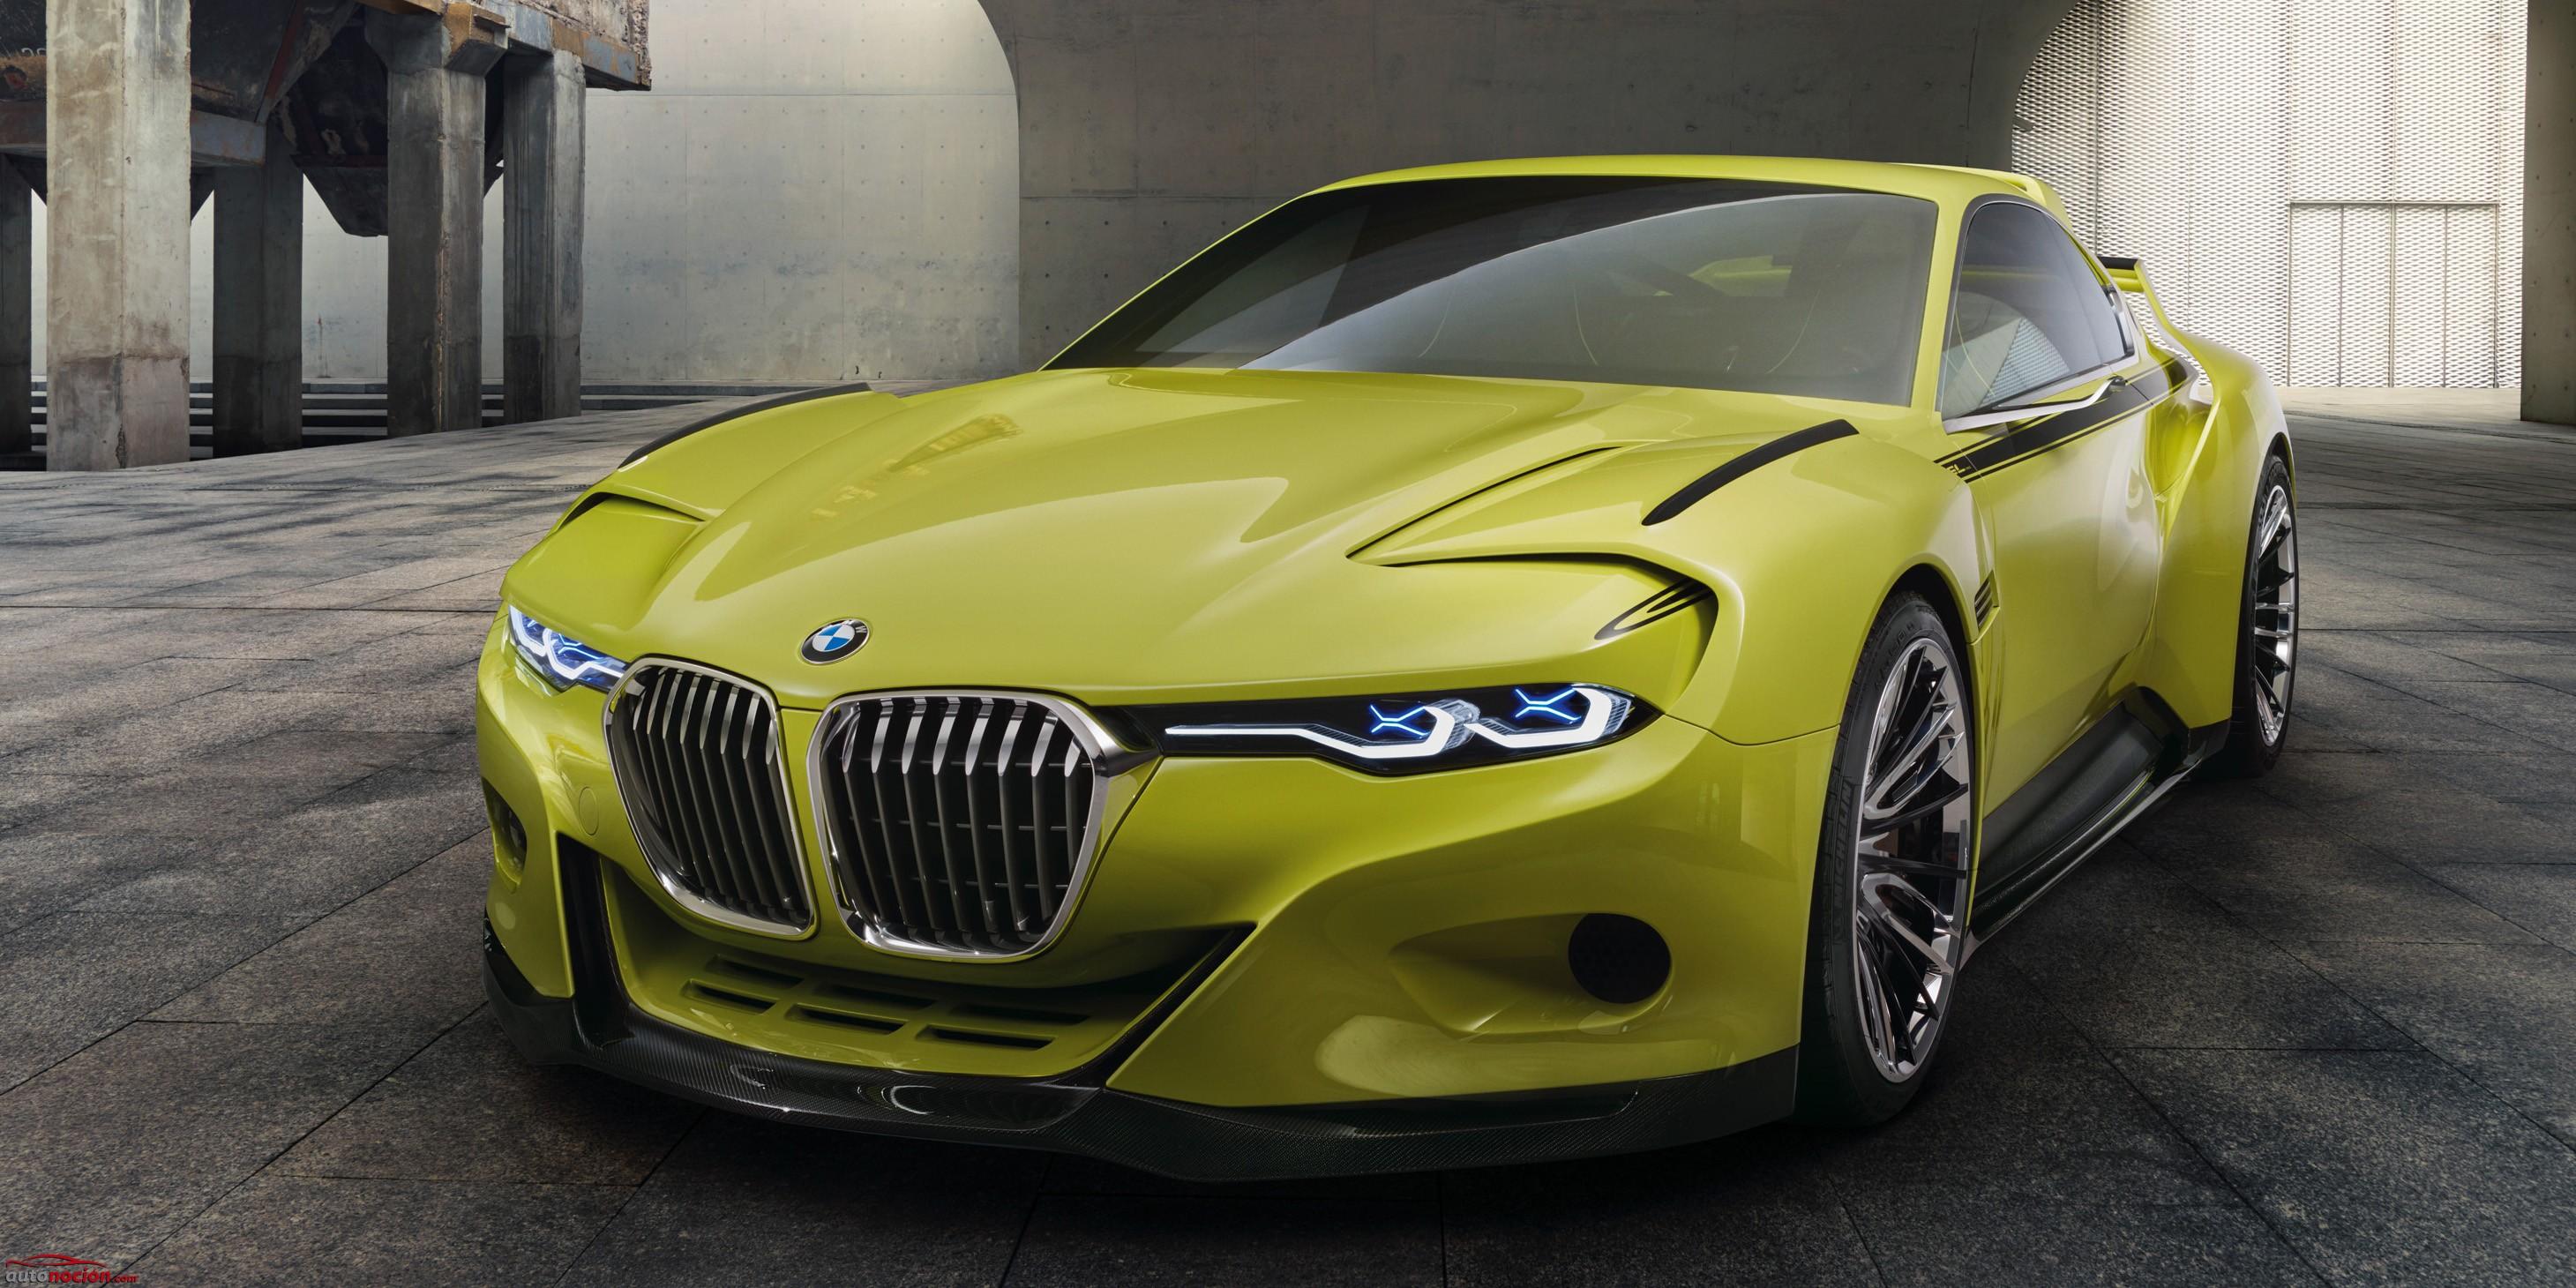 Aquí están las fotos del BMW 3.0 CSL Hommage: Un coupé simplemente precioso